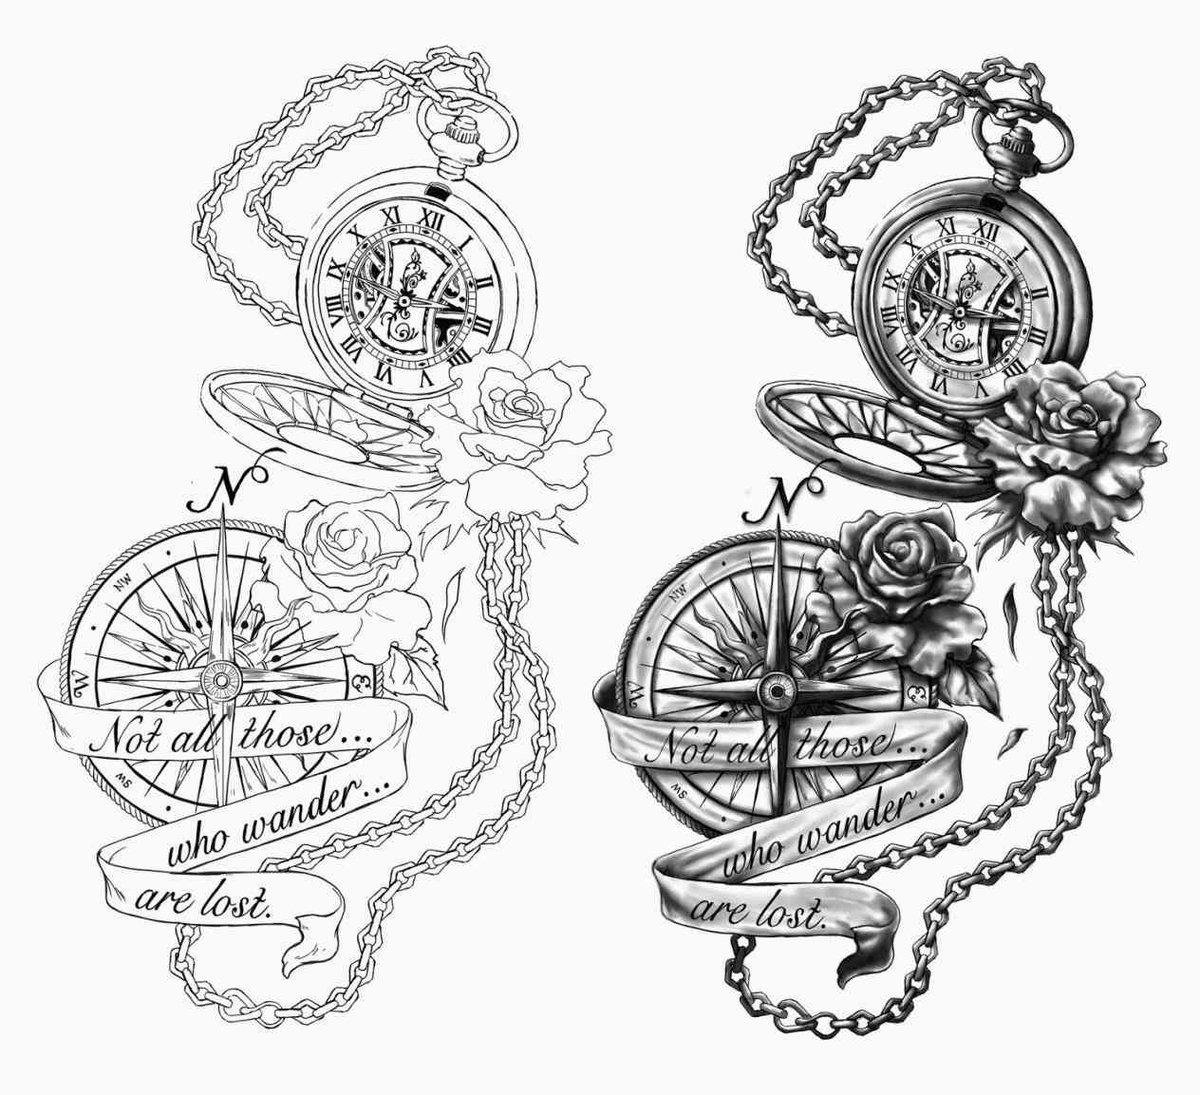 Крутой рисунок компаса с кораблем на предплечье парня.